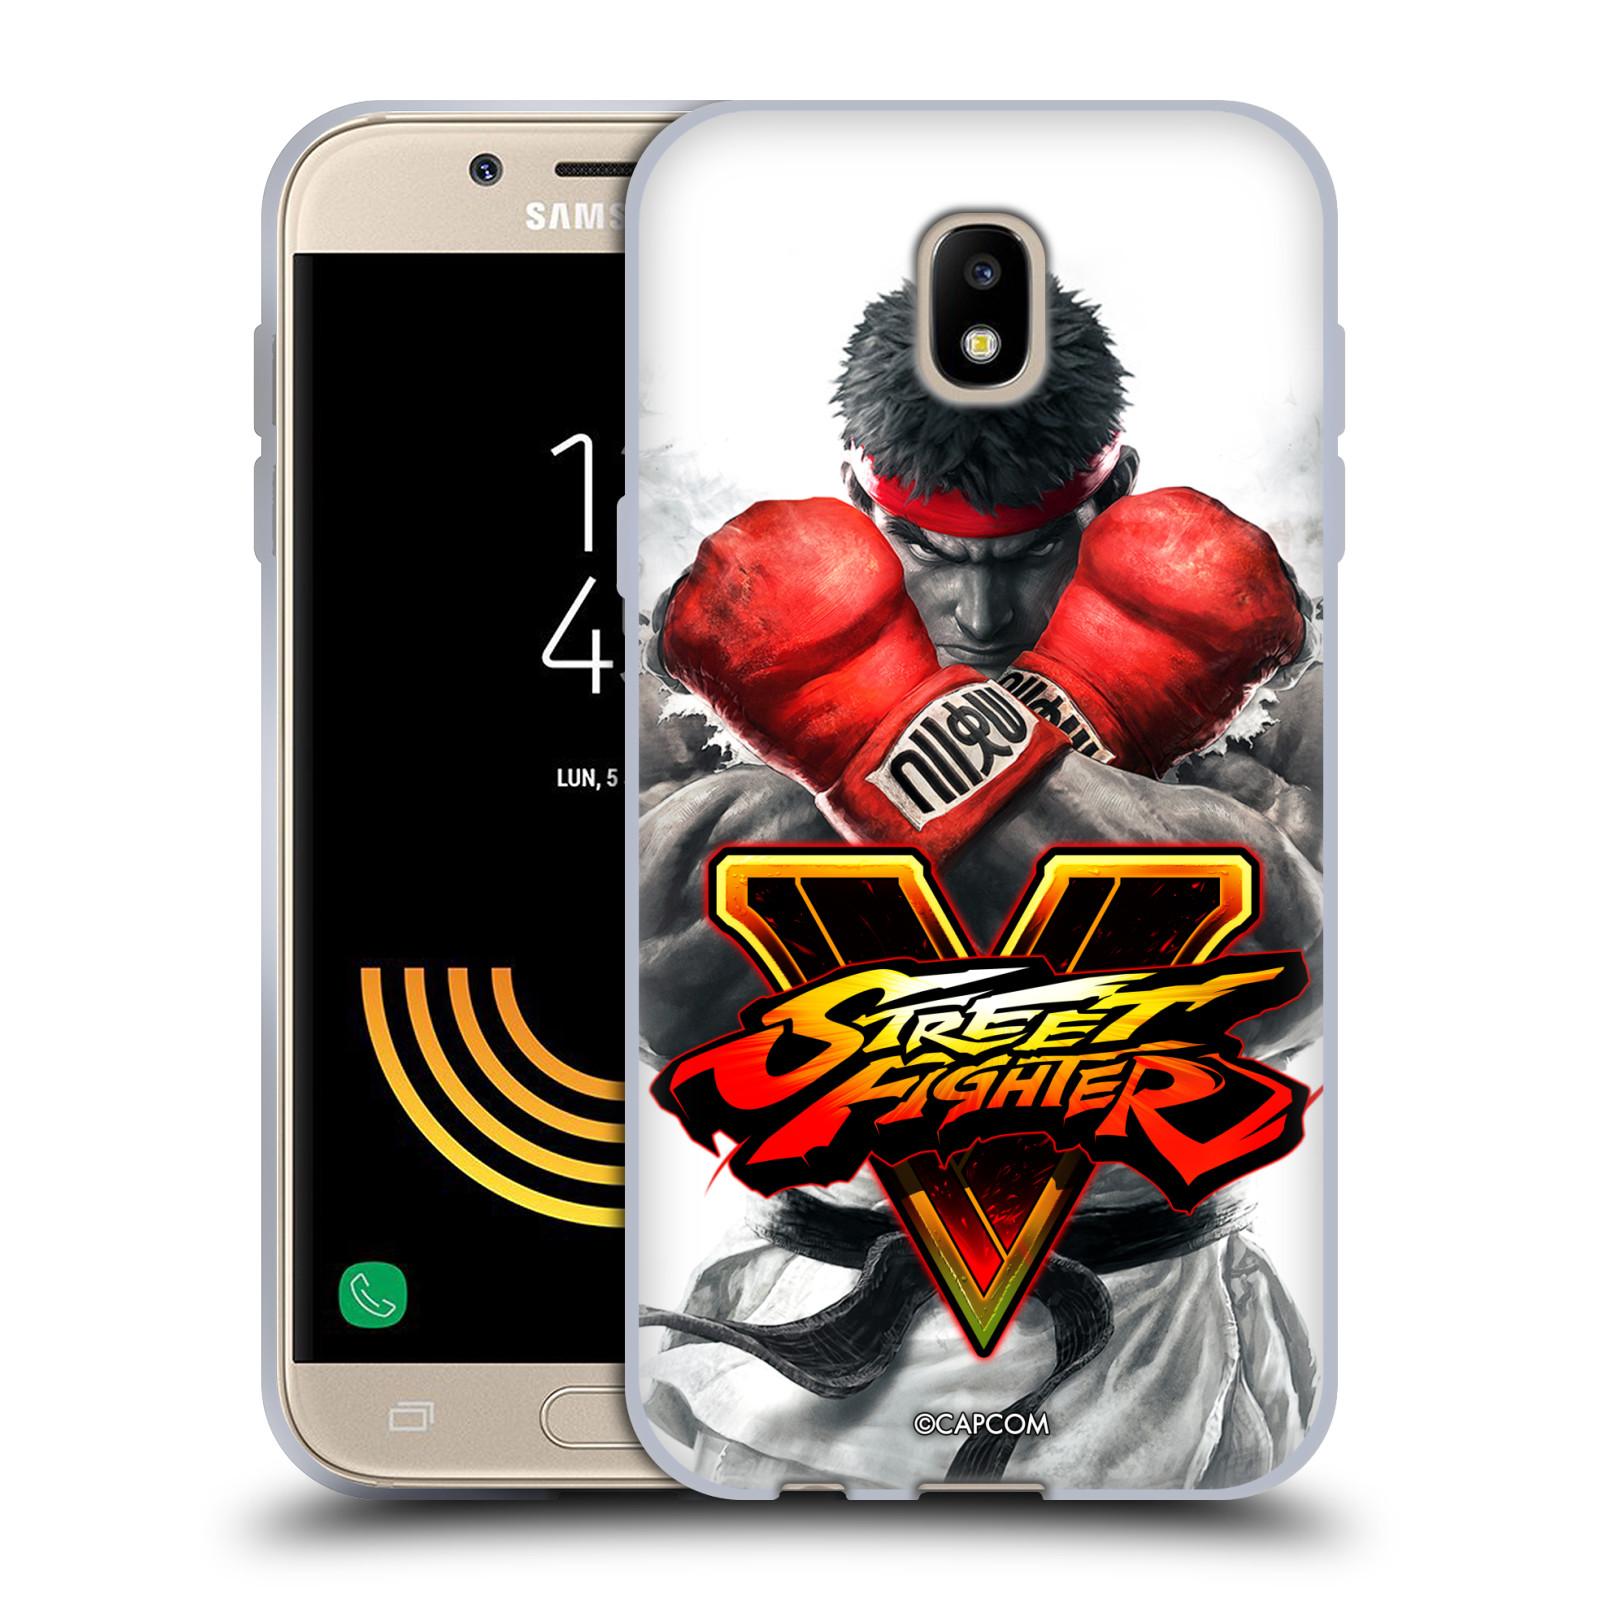 HEAD CASE silikonový obal na mobil Samsung Galaxy J5 2017 oficiální kryt STREET FIGHTER Boxer Ryu